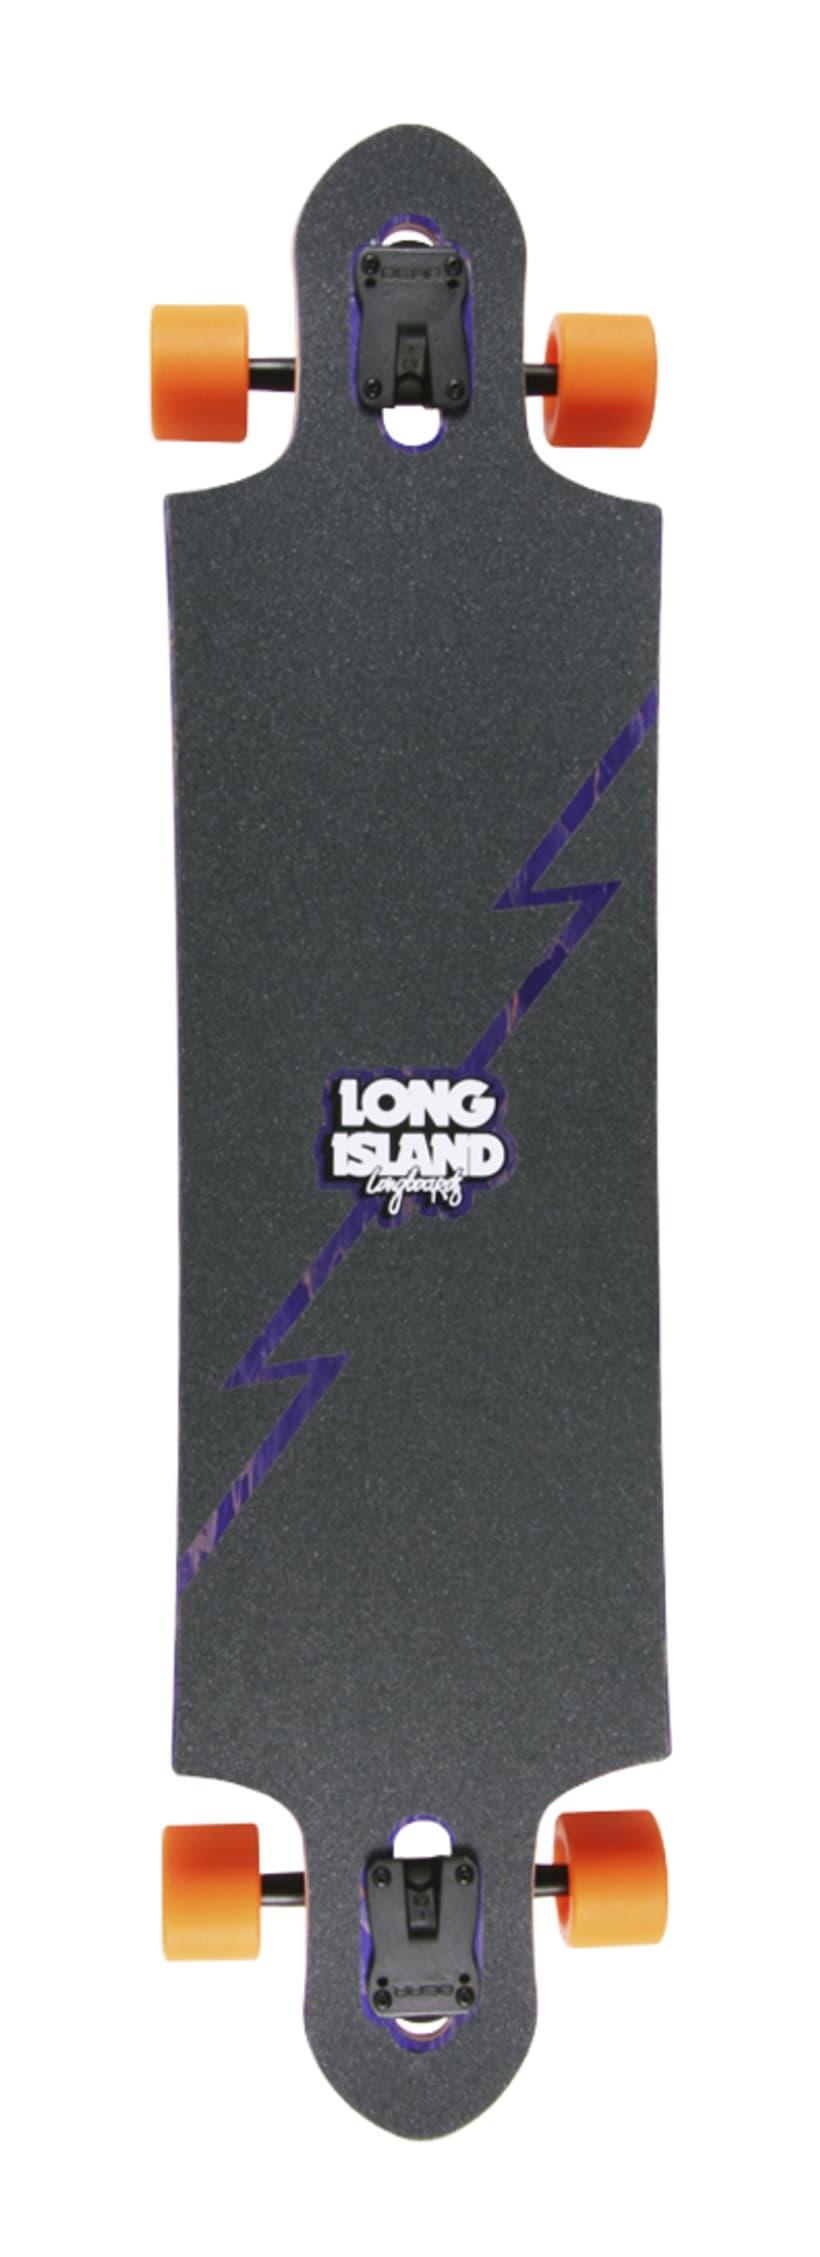 Long Island Longboards - Ilustraciones para diseños de tablas 0